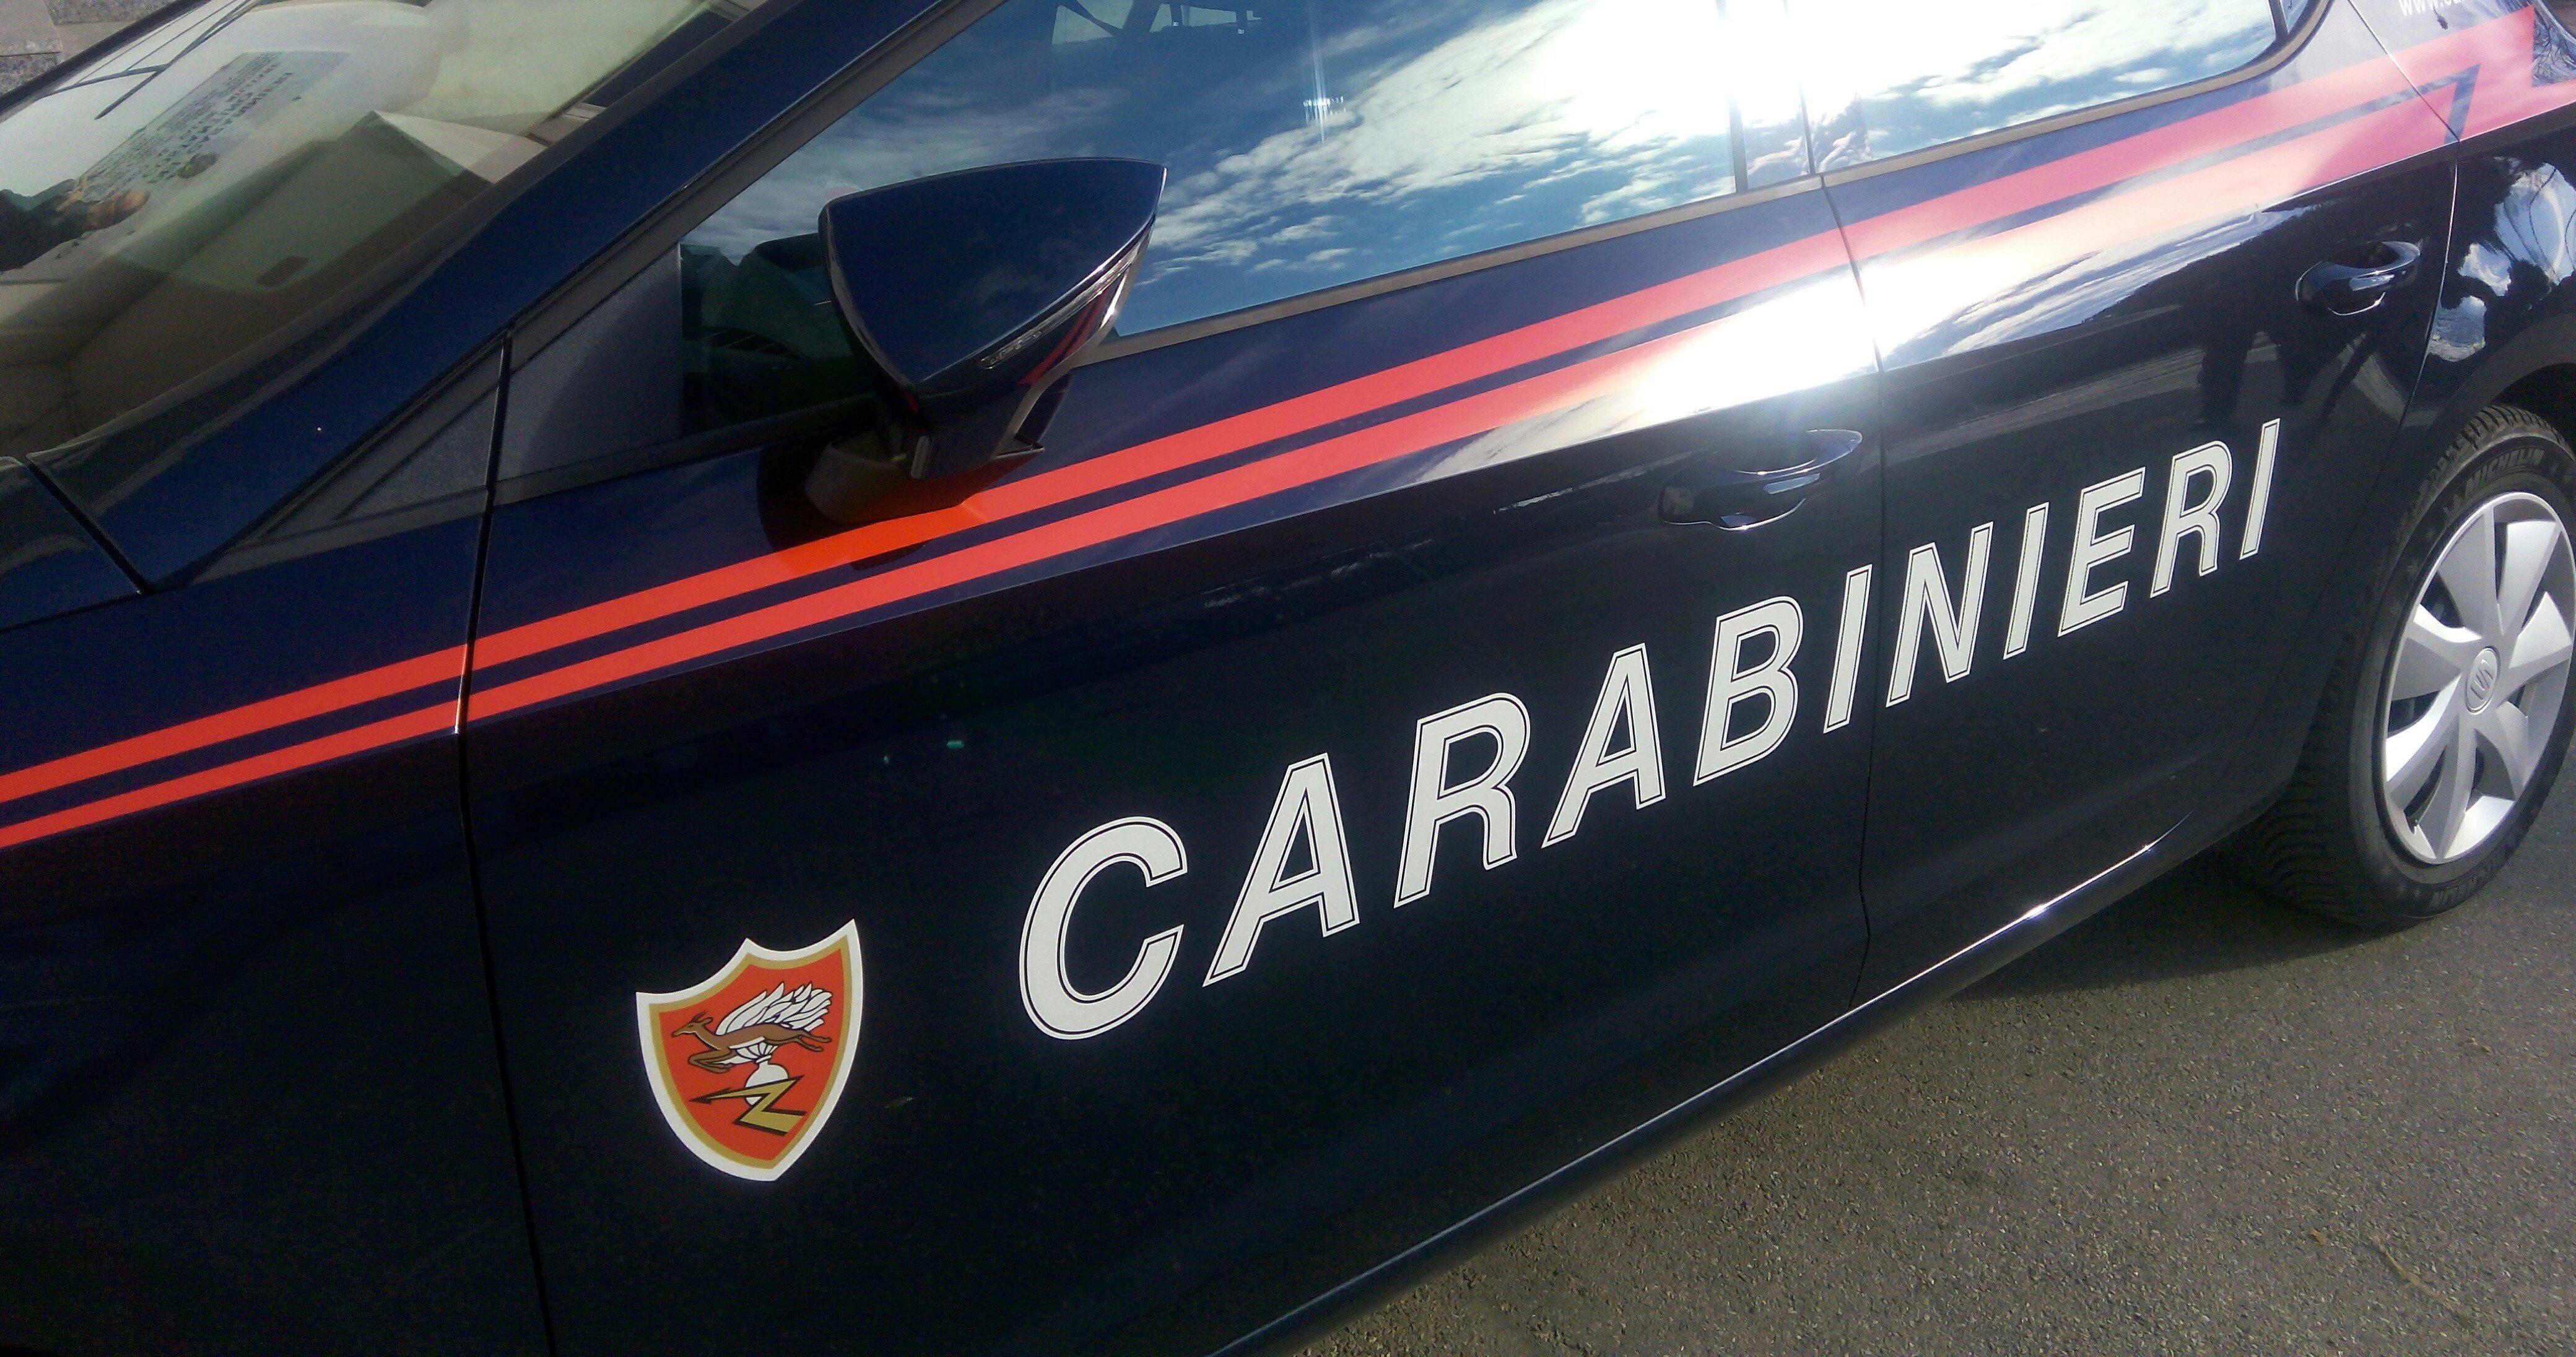 Tentata rapina alle Poste di Donnici, i carabinieri fermano due persone